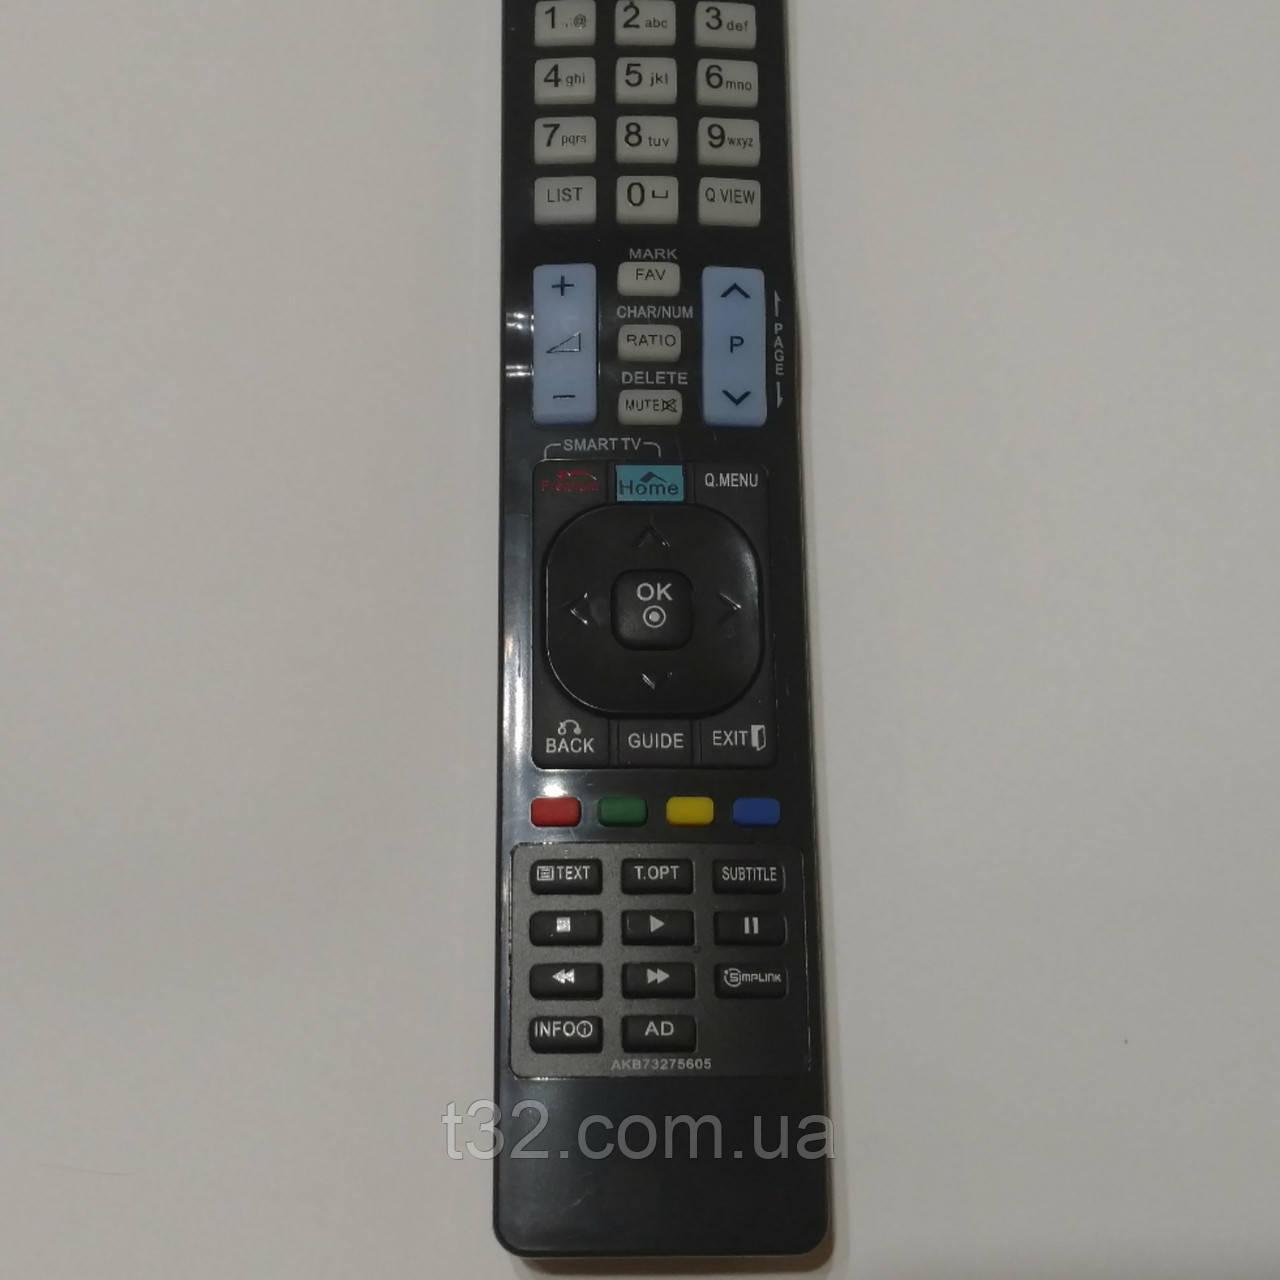 Пульт для телевизора LG AKB73275605 Smart